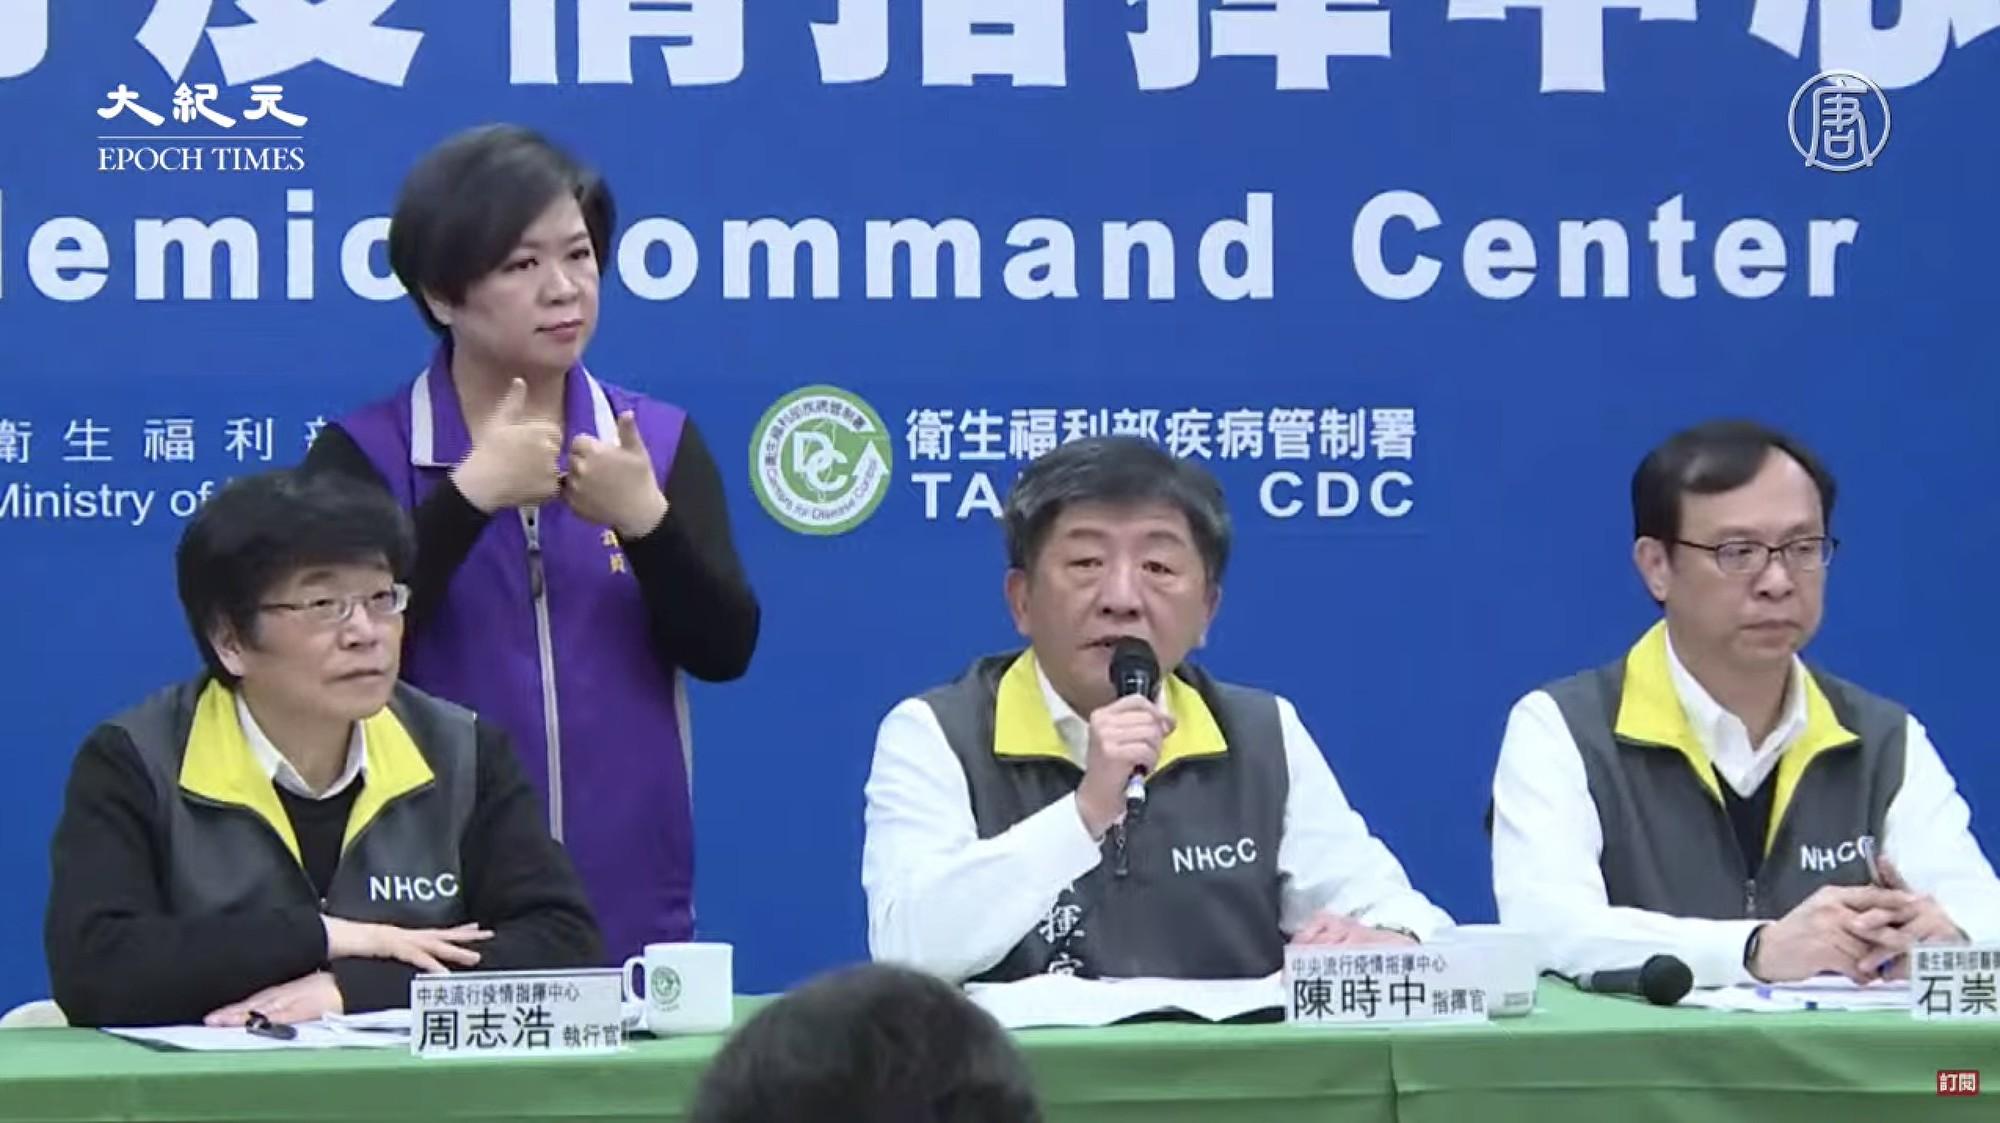 台灣官員視察獲讚賞 中共官員視察引民眾怒吼